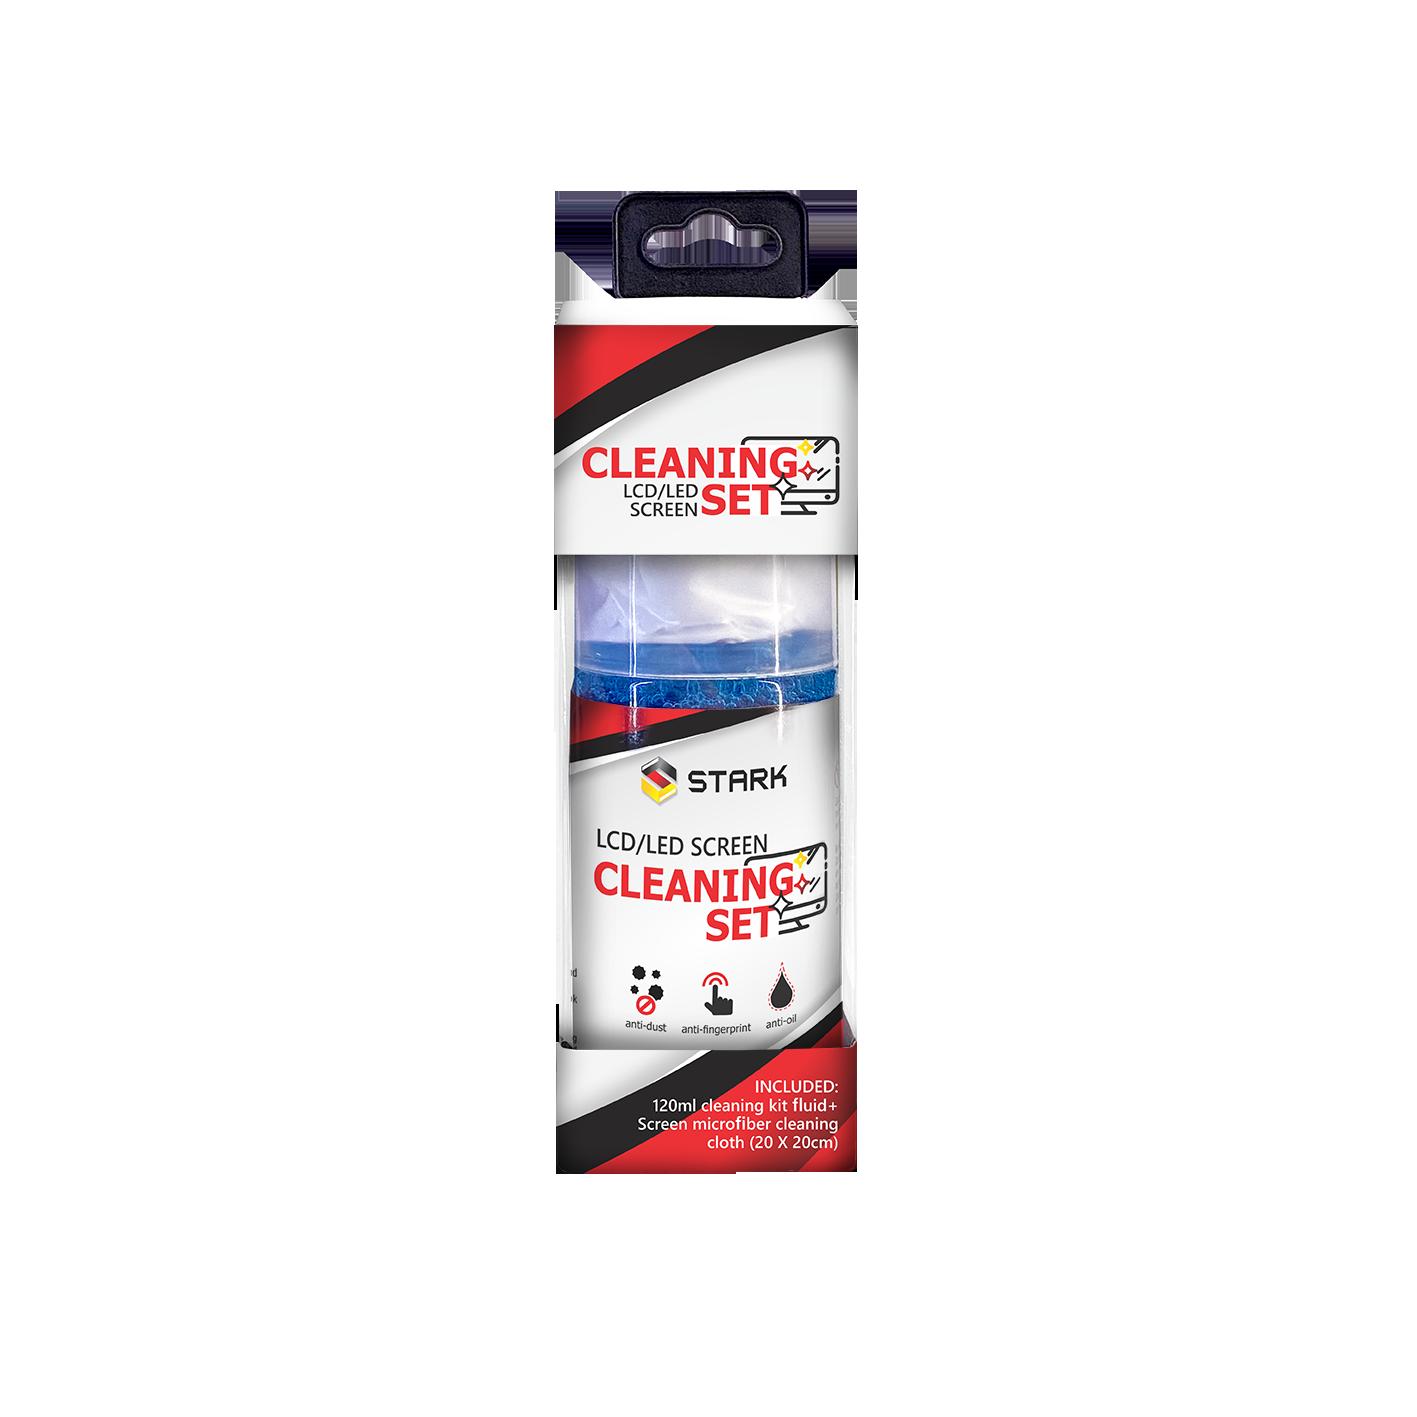 STARK Sredstvo za čišćenje LCD-LED ekrana 120ml + krpica 20cm X 20cm (Slika 2)